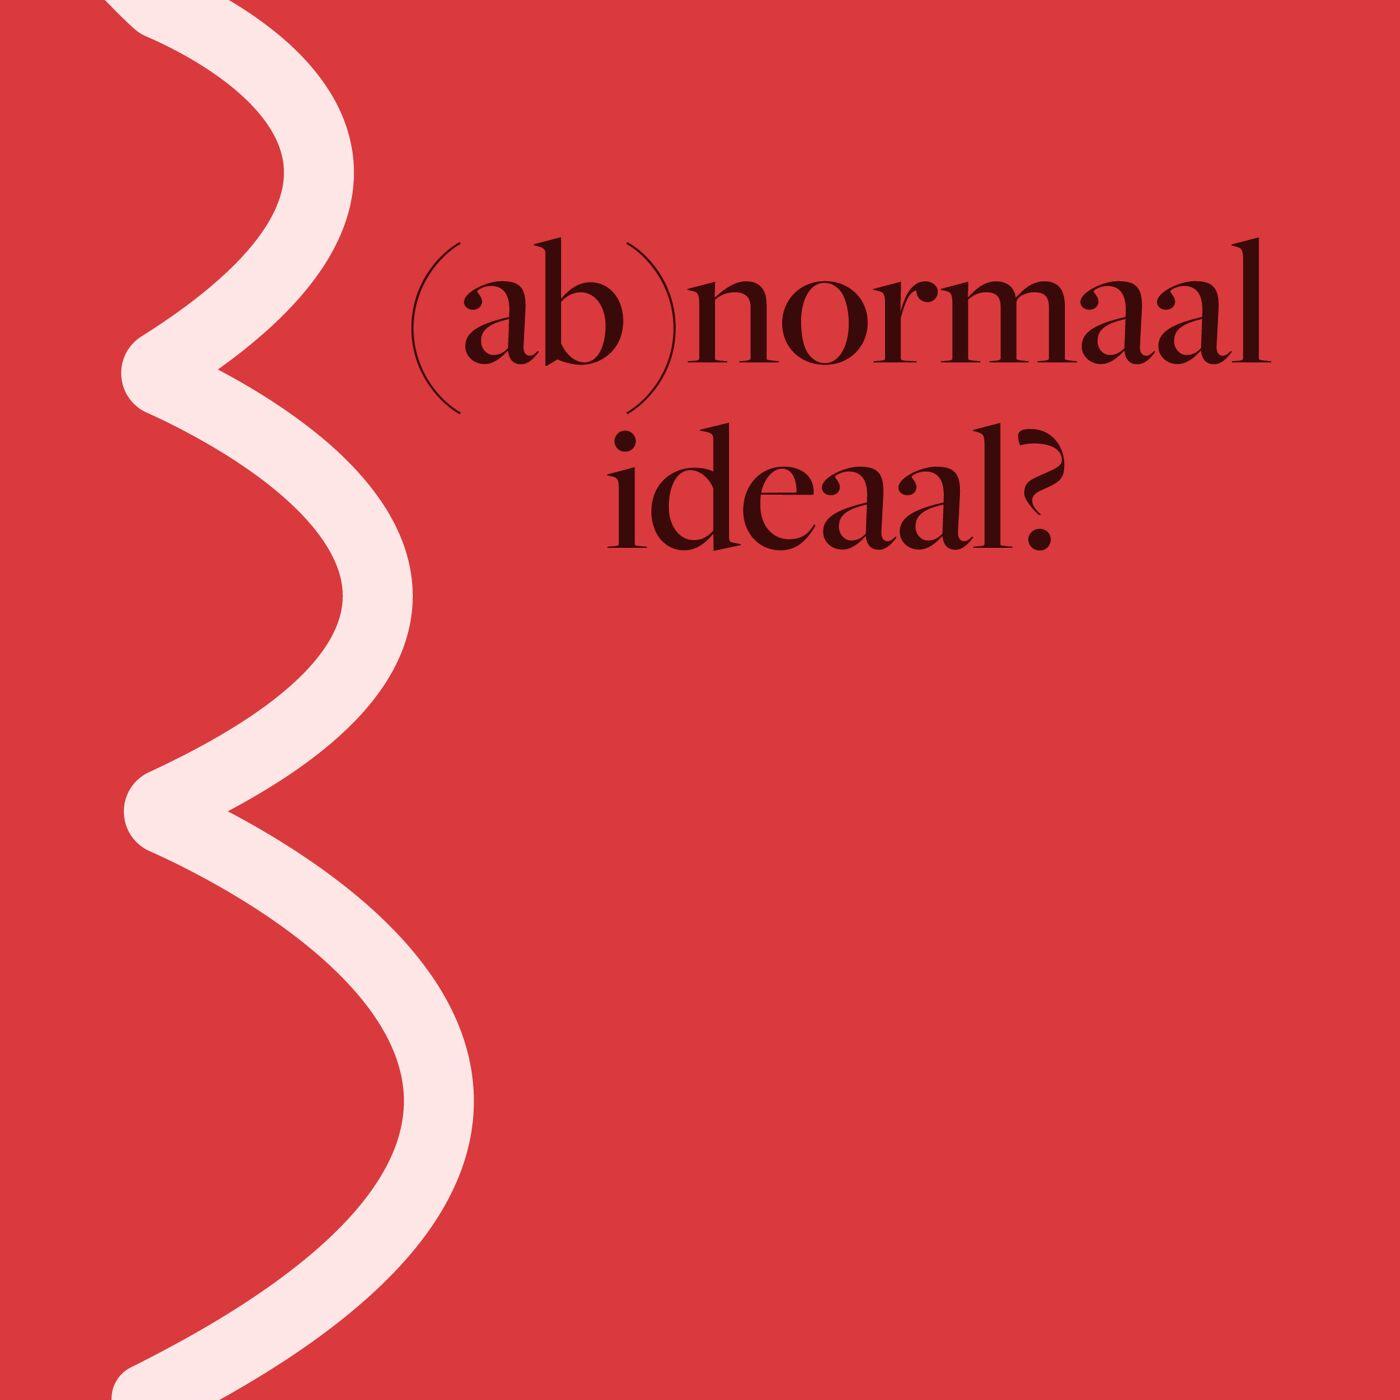 1. (Ab)normaal ideaal?